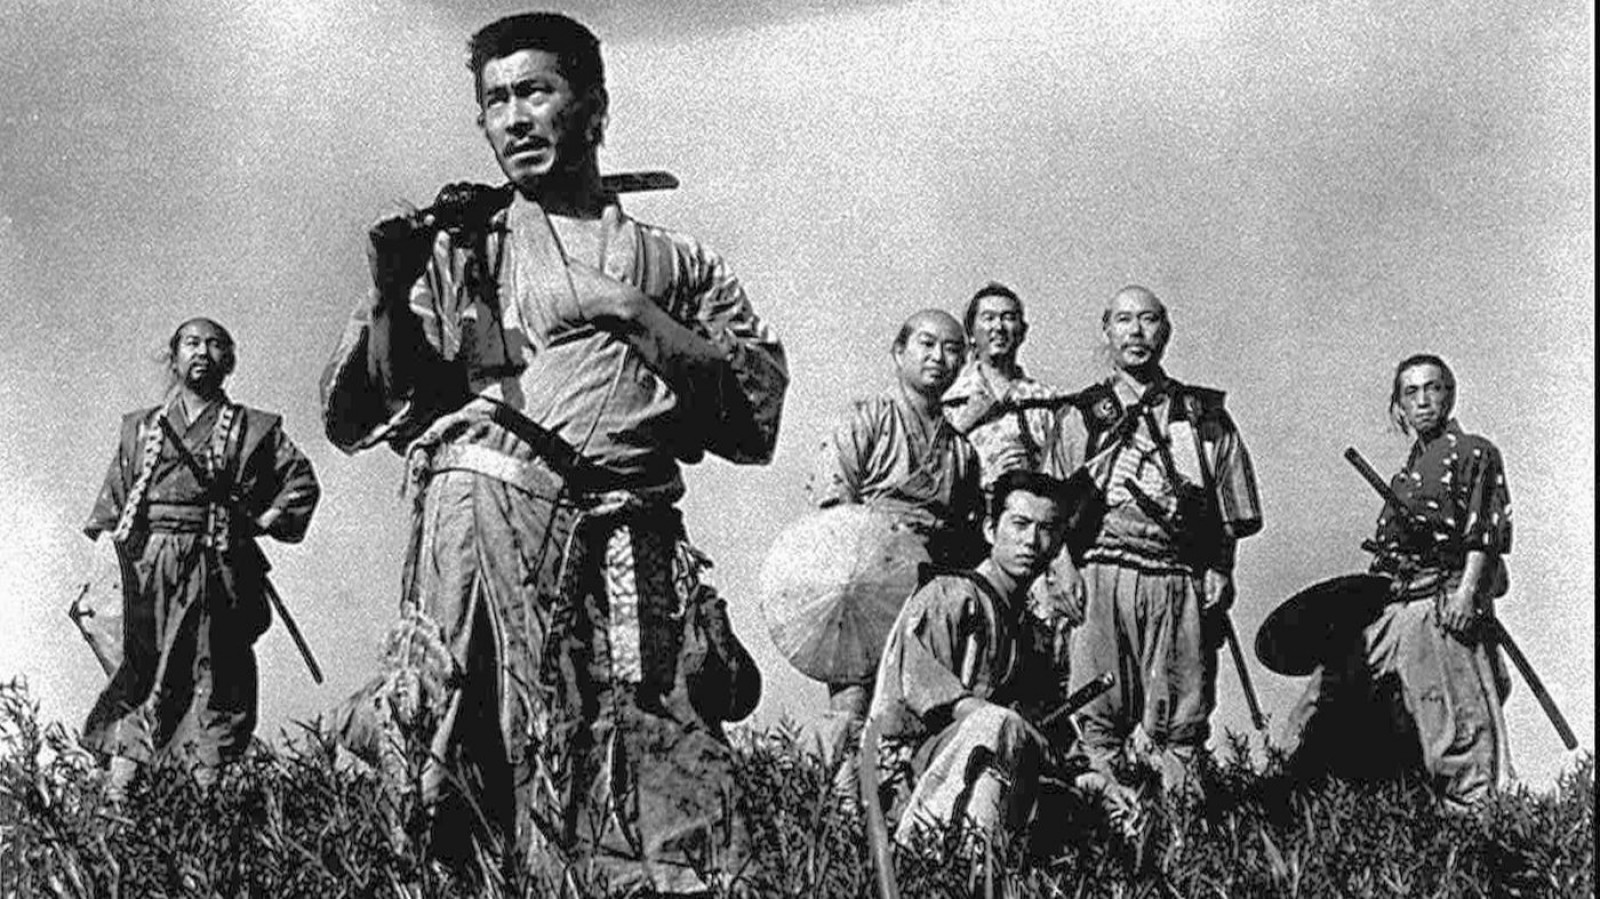 Arthur Penn on Akira Kurosawa